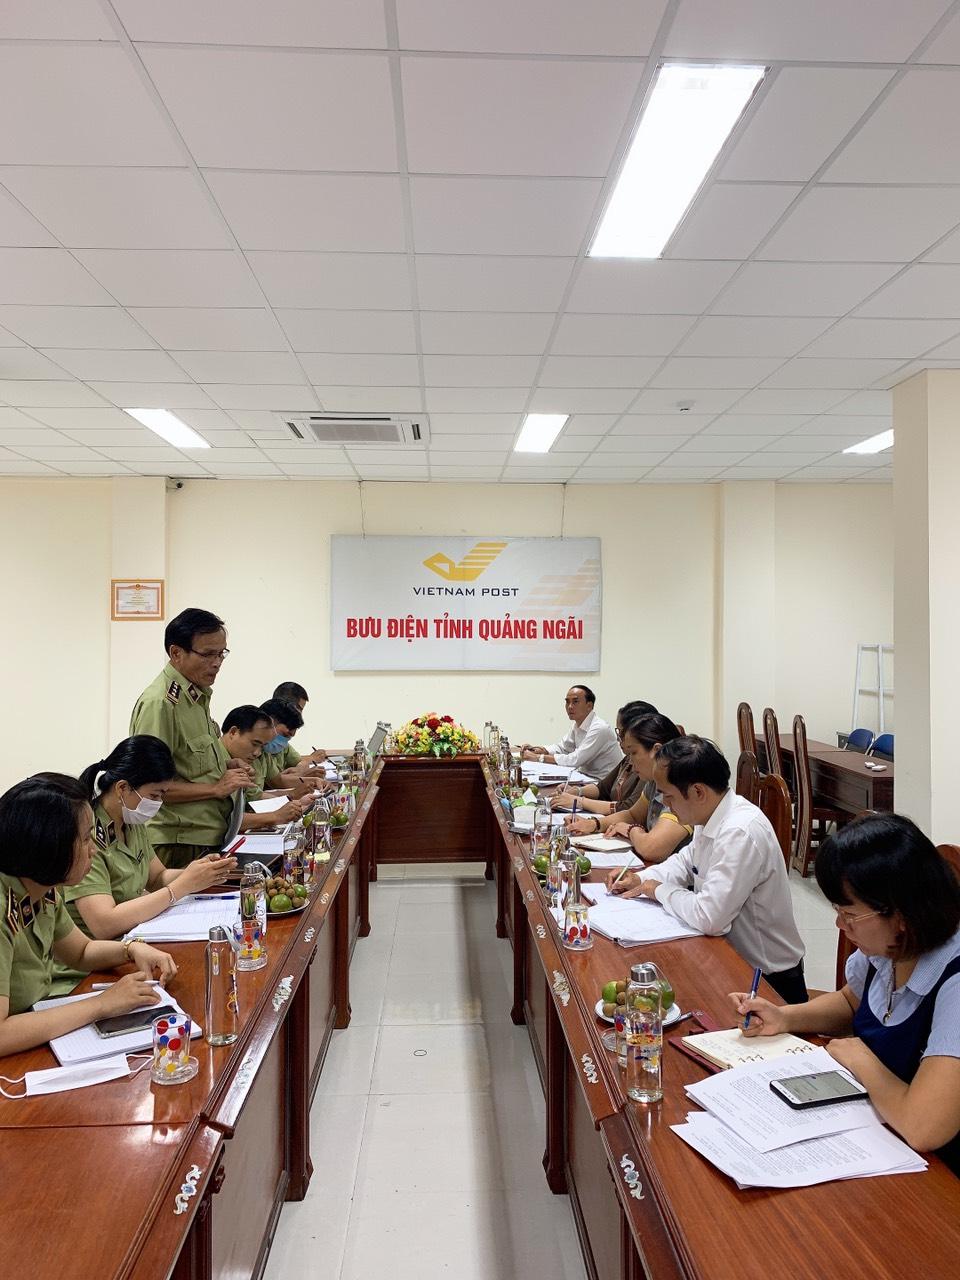 Cục Quản lý thị trường và Bưu điện tỉnh Quảng Ngãi phối hợp hỗ trợ tiêu thụ vải thiều Bắc Giang